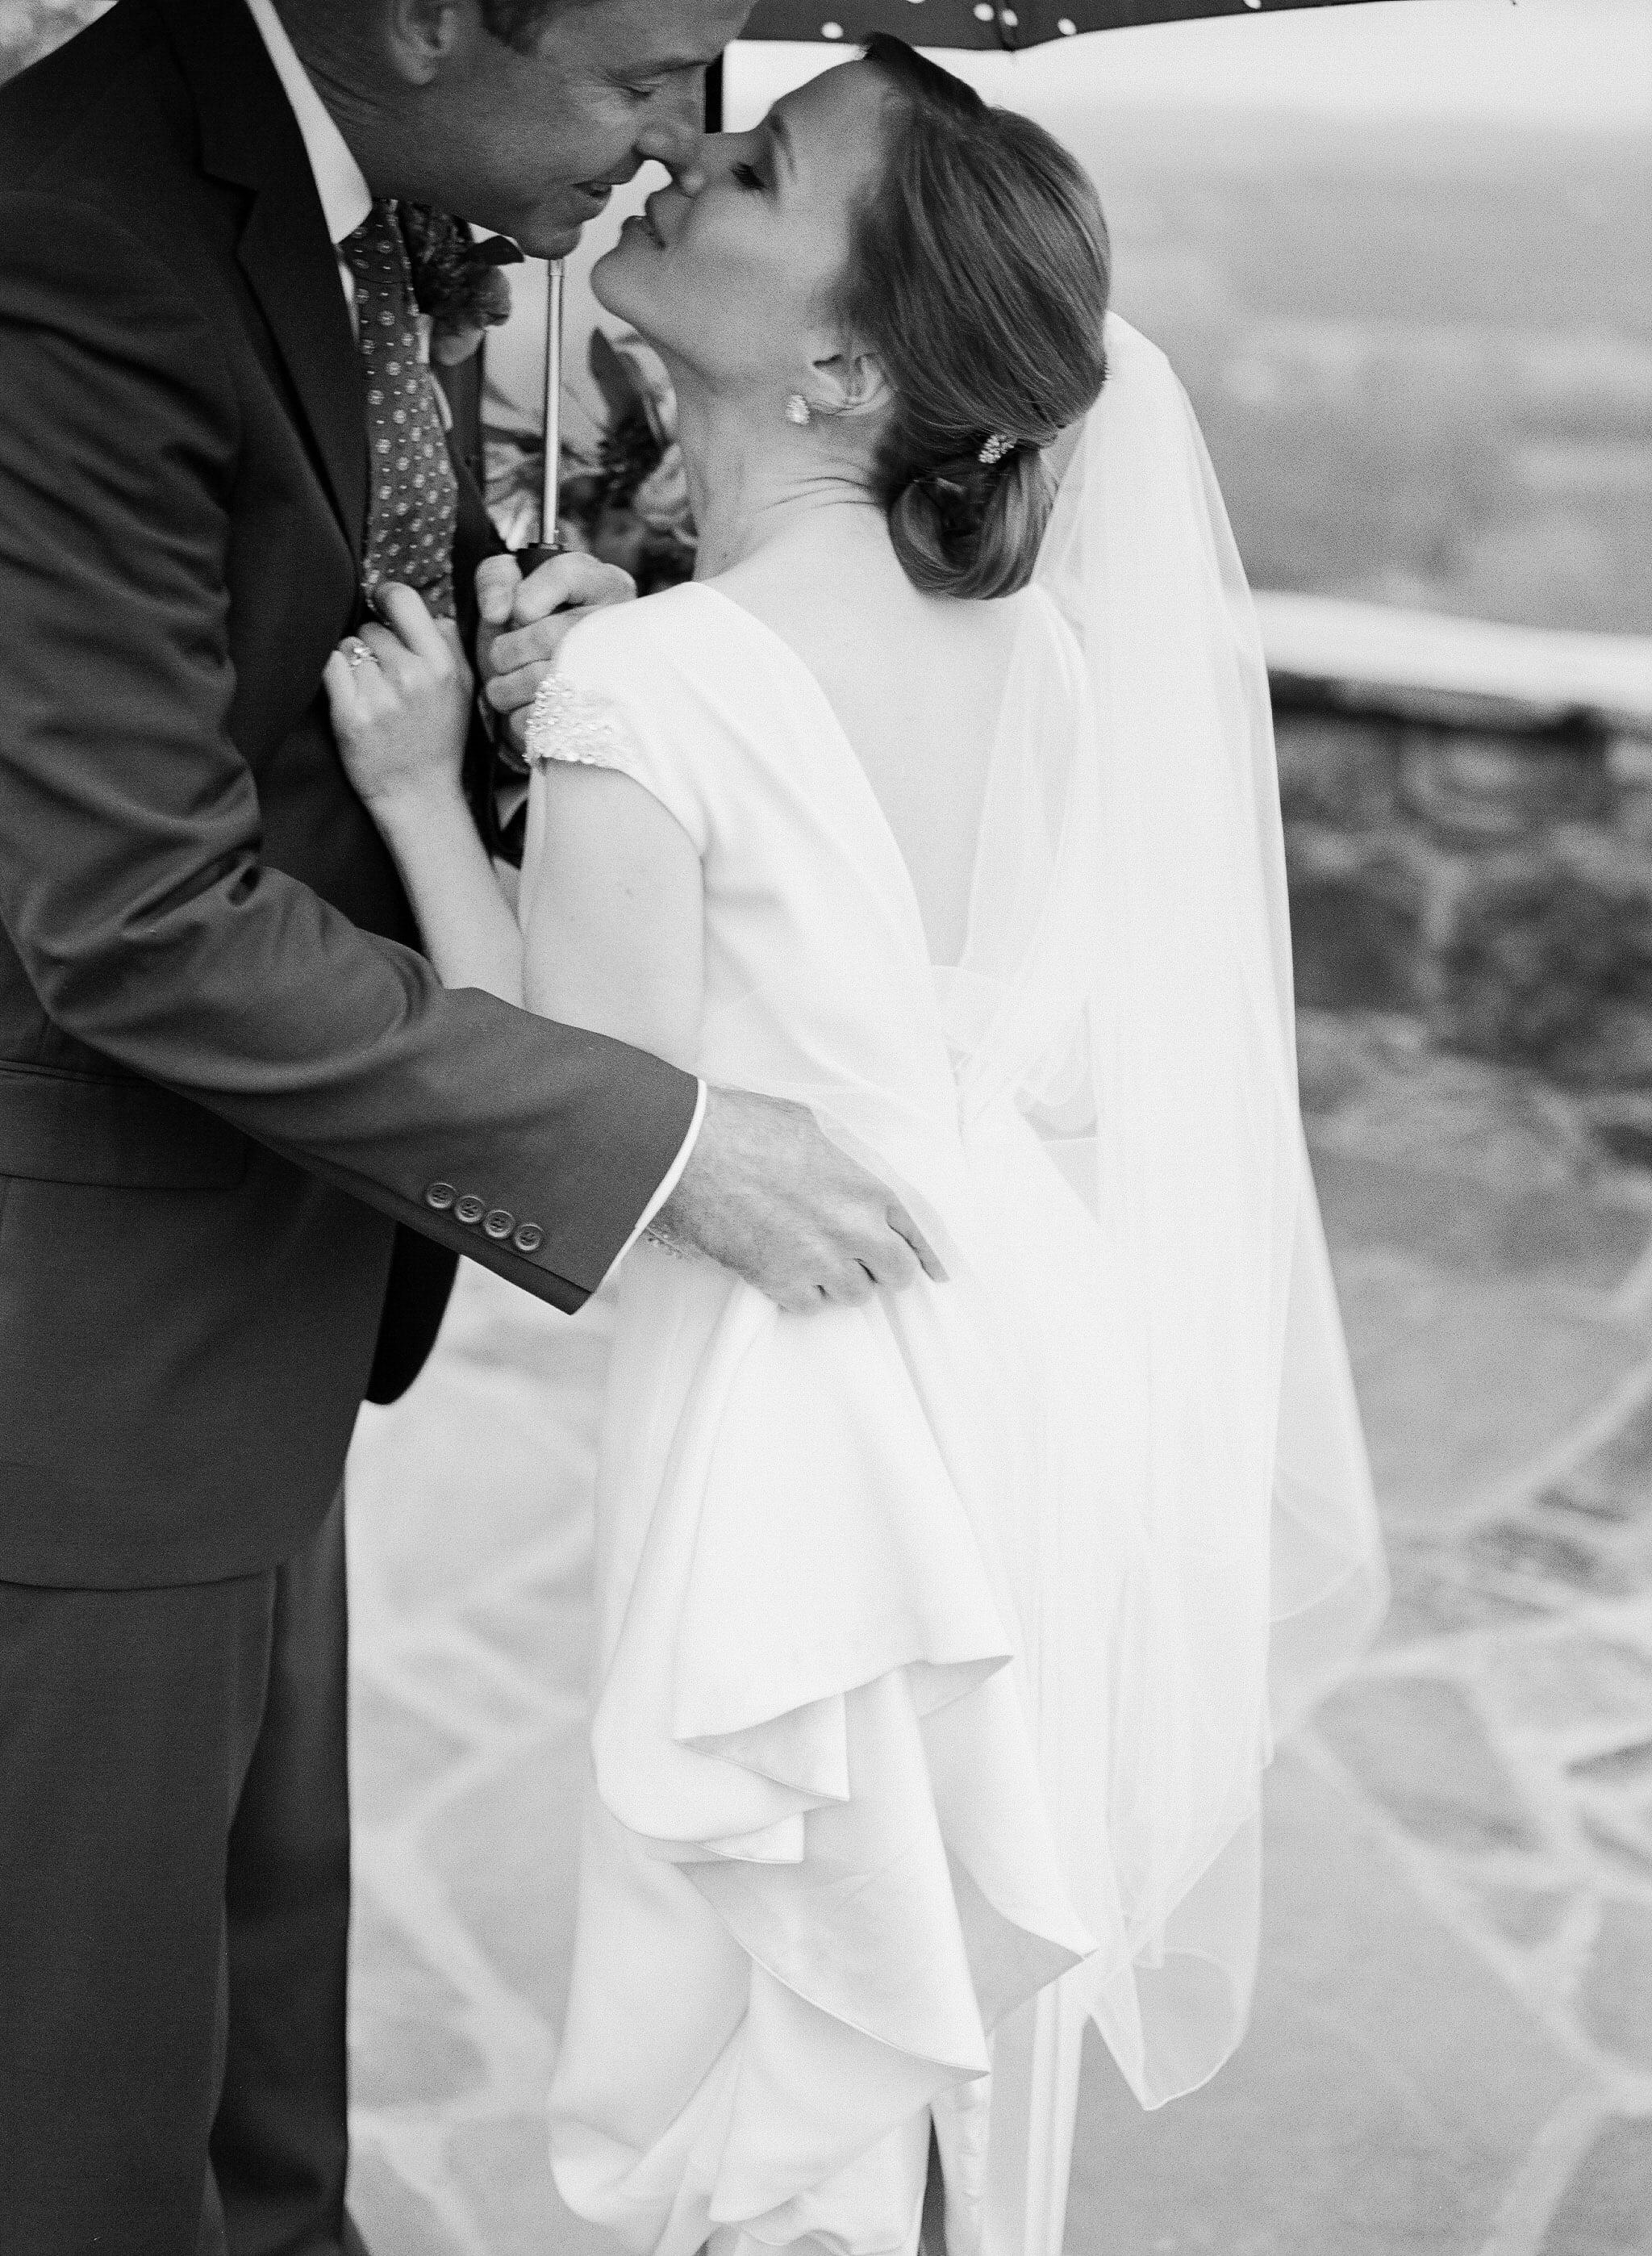 Mr. & Mrs. Schaper-000041550006-2